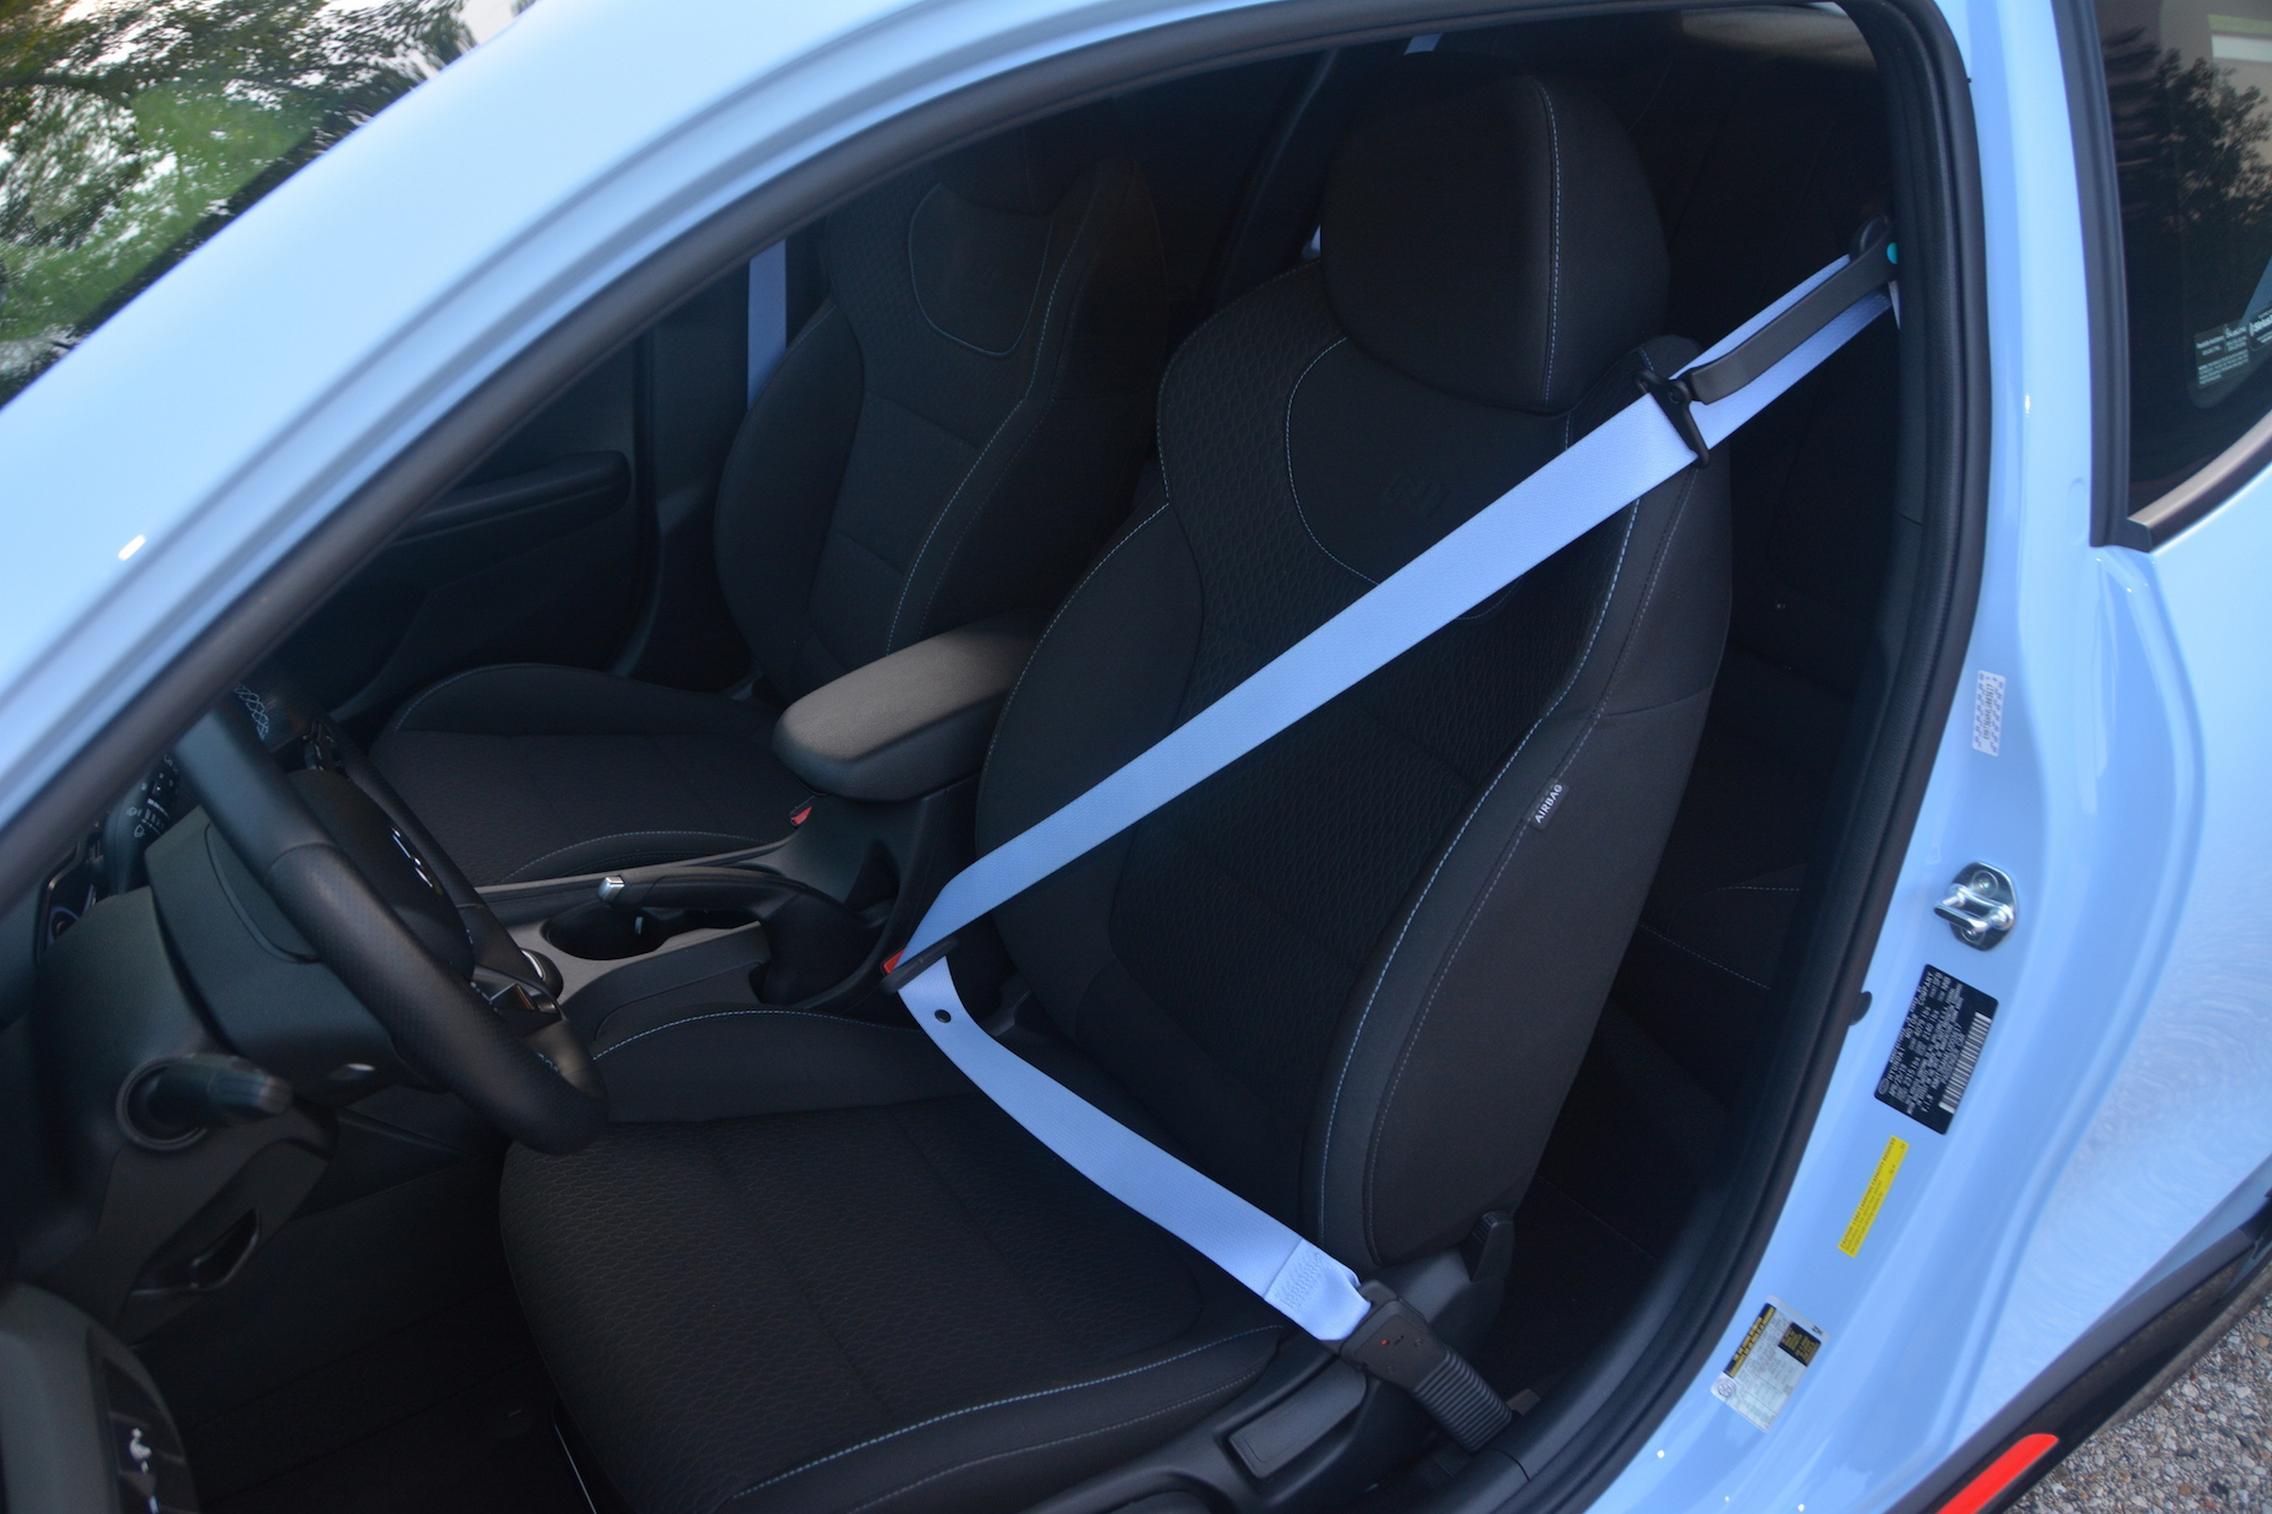 Blue Seat Belts